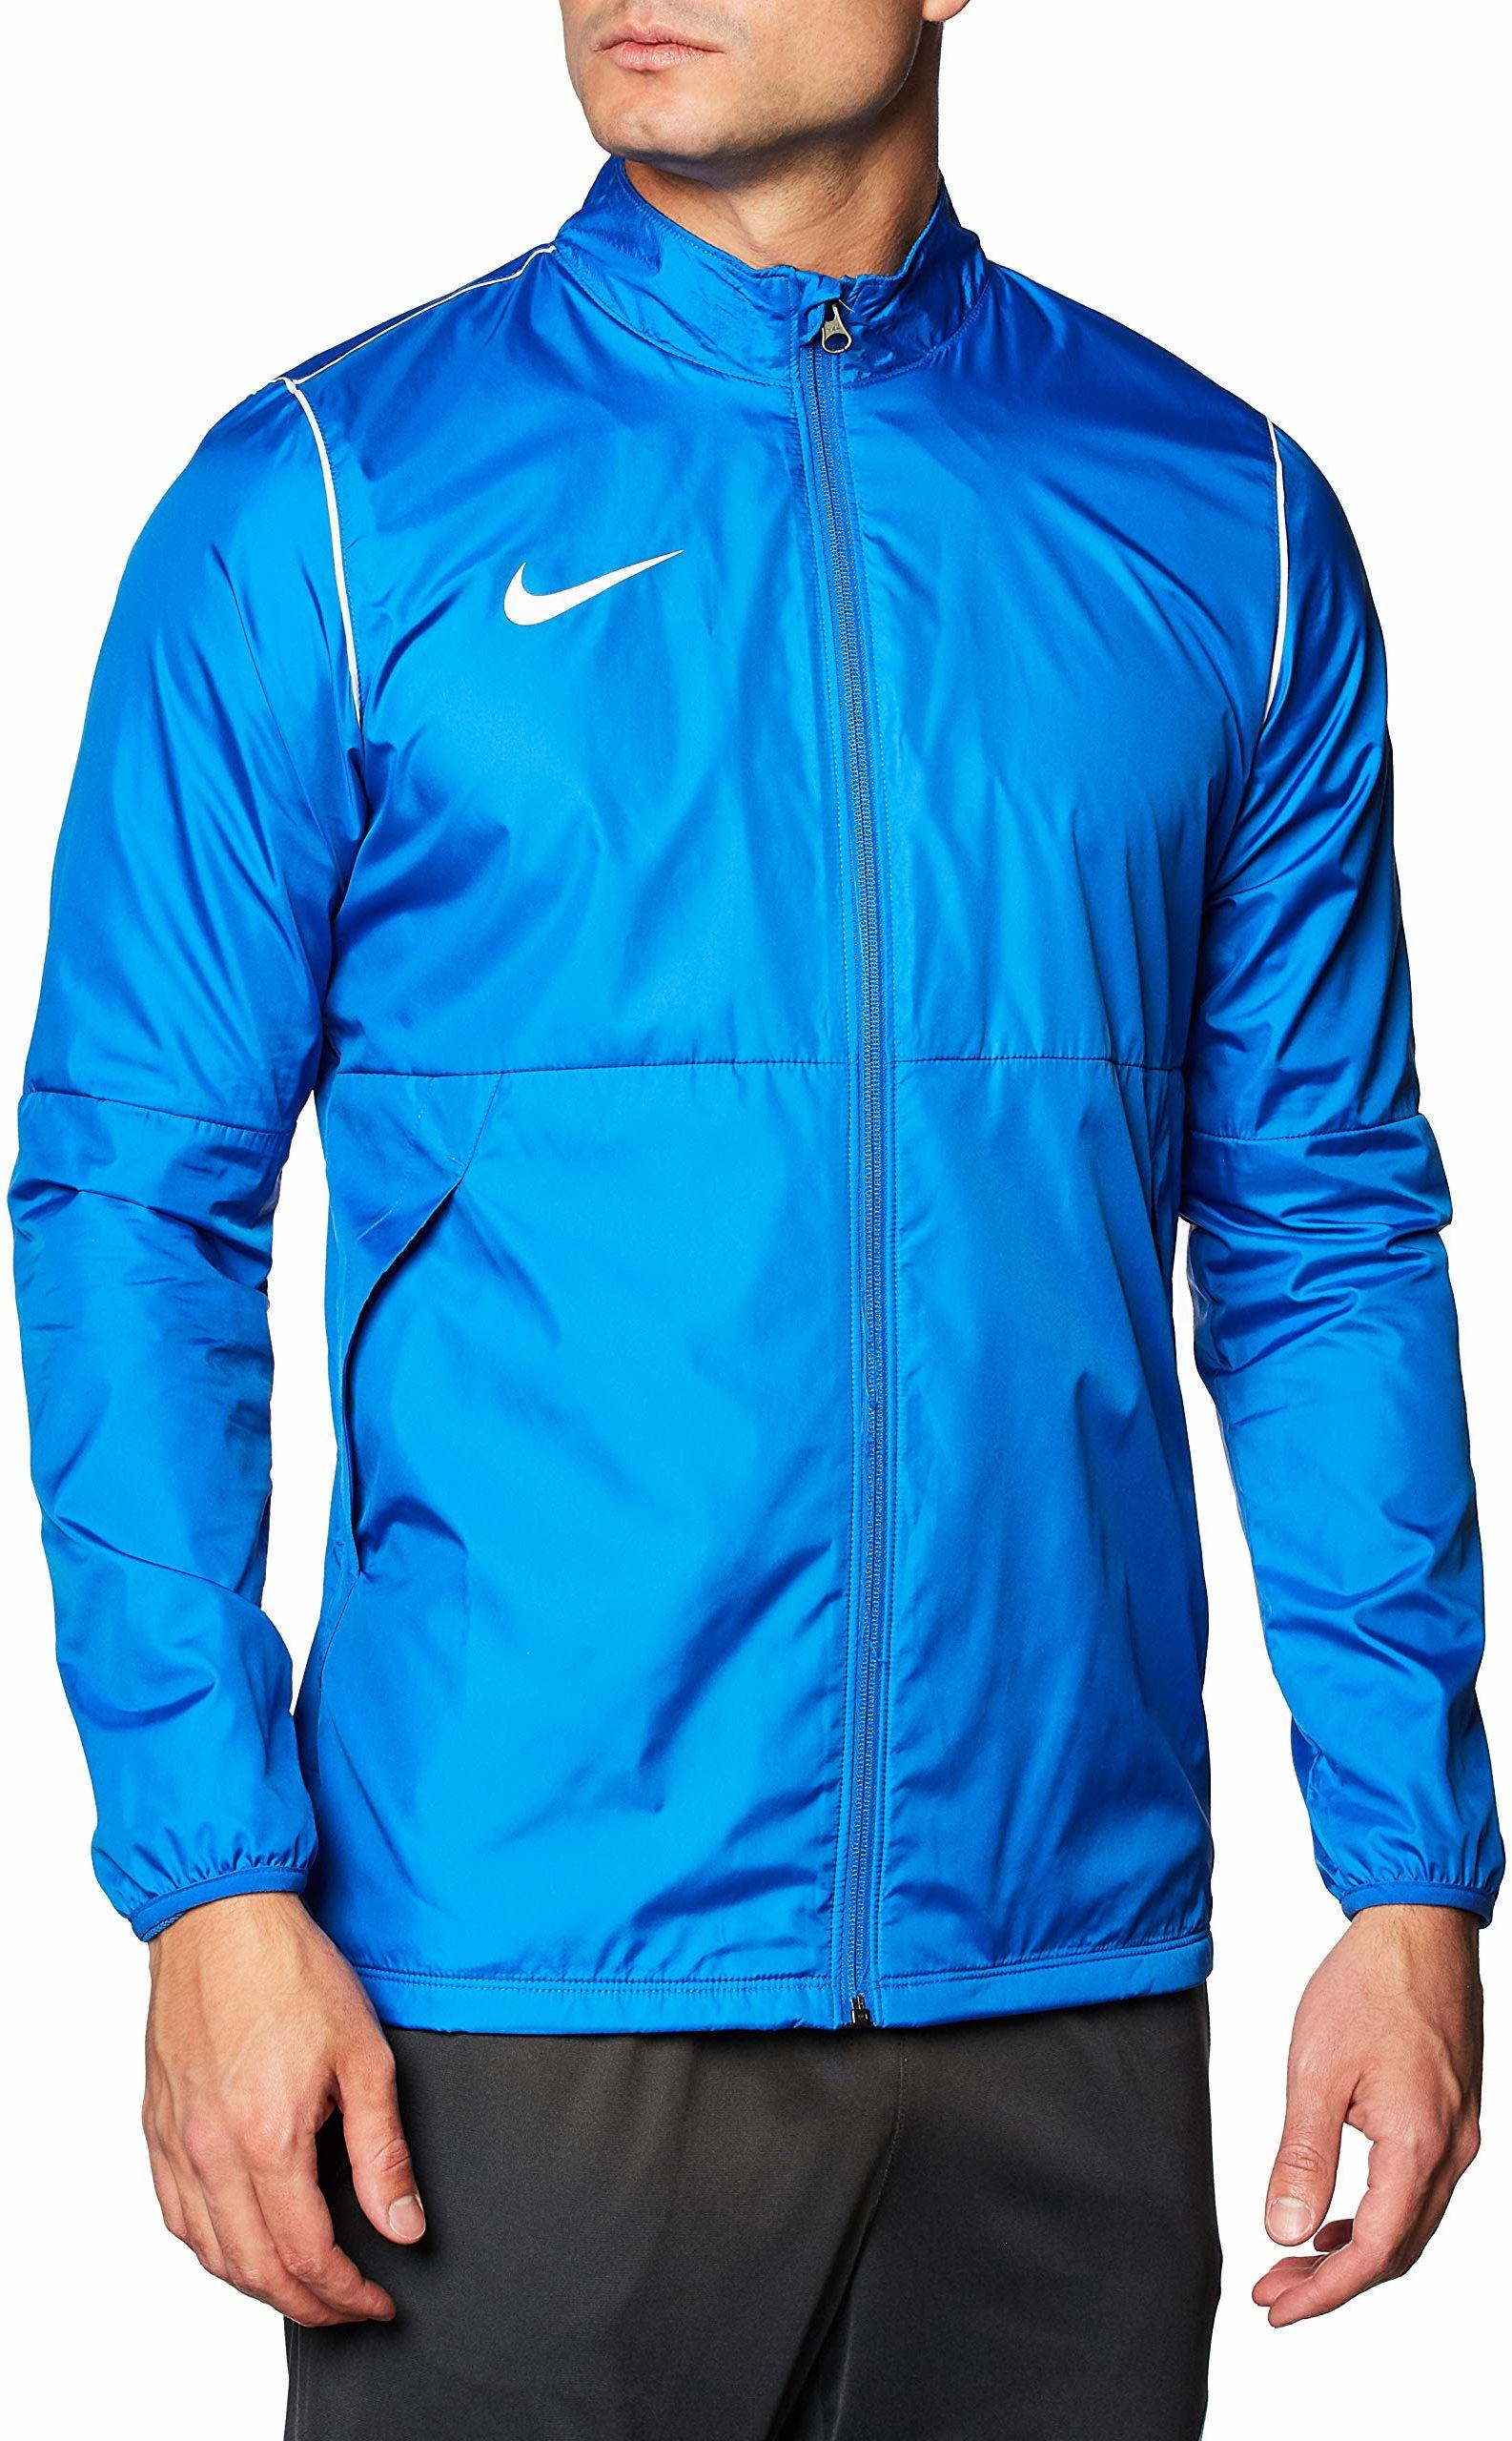 Nike M NK RPL PARK20 RN JKT W kurtka sportowa, royal blue/White/White, 2XL